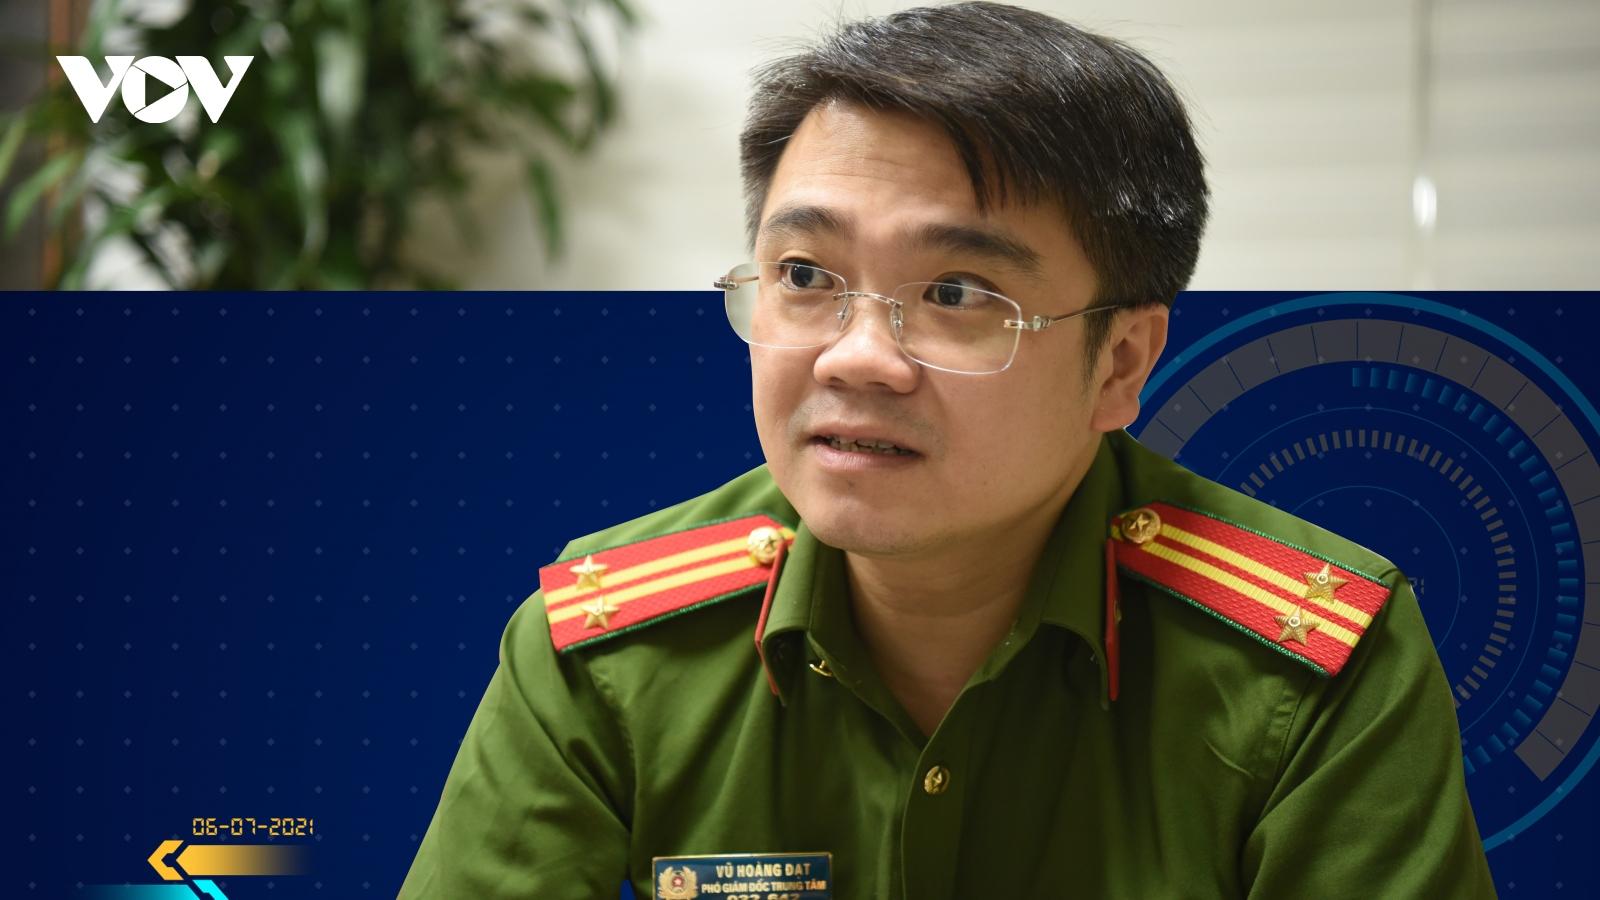 """Trung tá Vũ Hoàng Đạt: """"Thông tin của công dân được bảo mật tuyệt đối"""""""